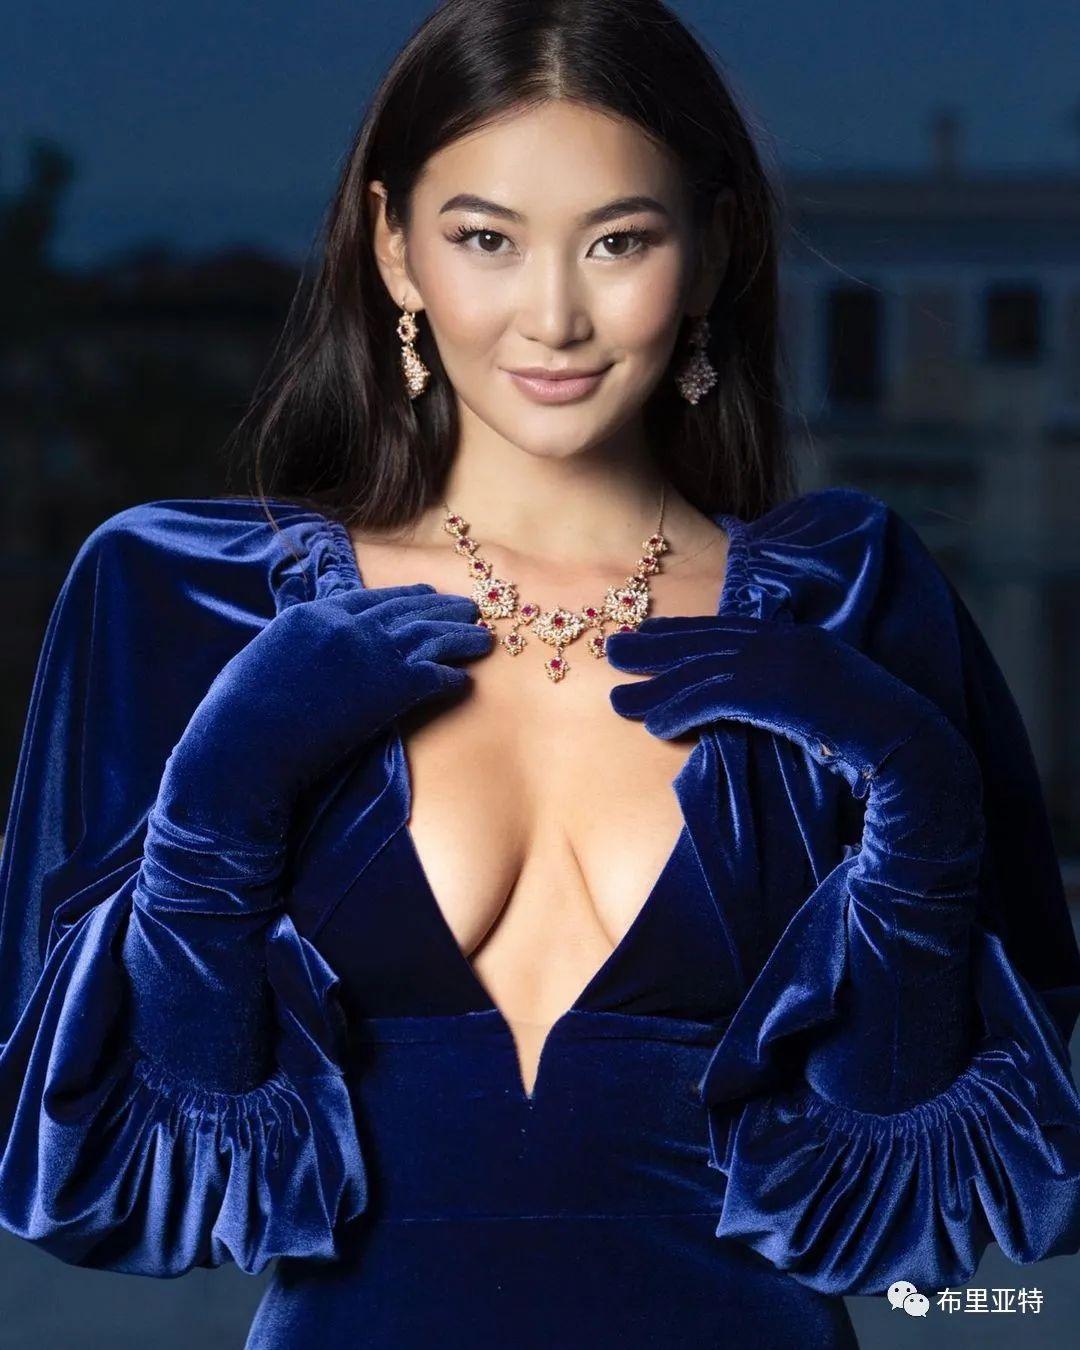 曾是上海的蒙古名媛,30岁即将参加地球小姐选美大赛 第42张 曾是上海的蒙古名媛,30岁即将参加地球小姐选美大赛 蒙古文化